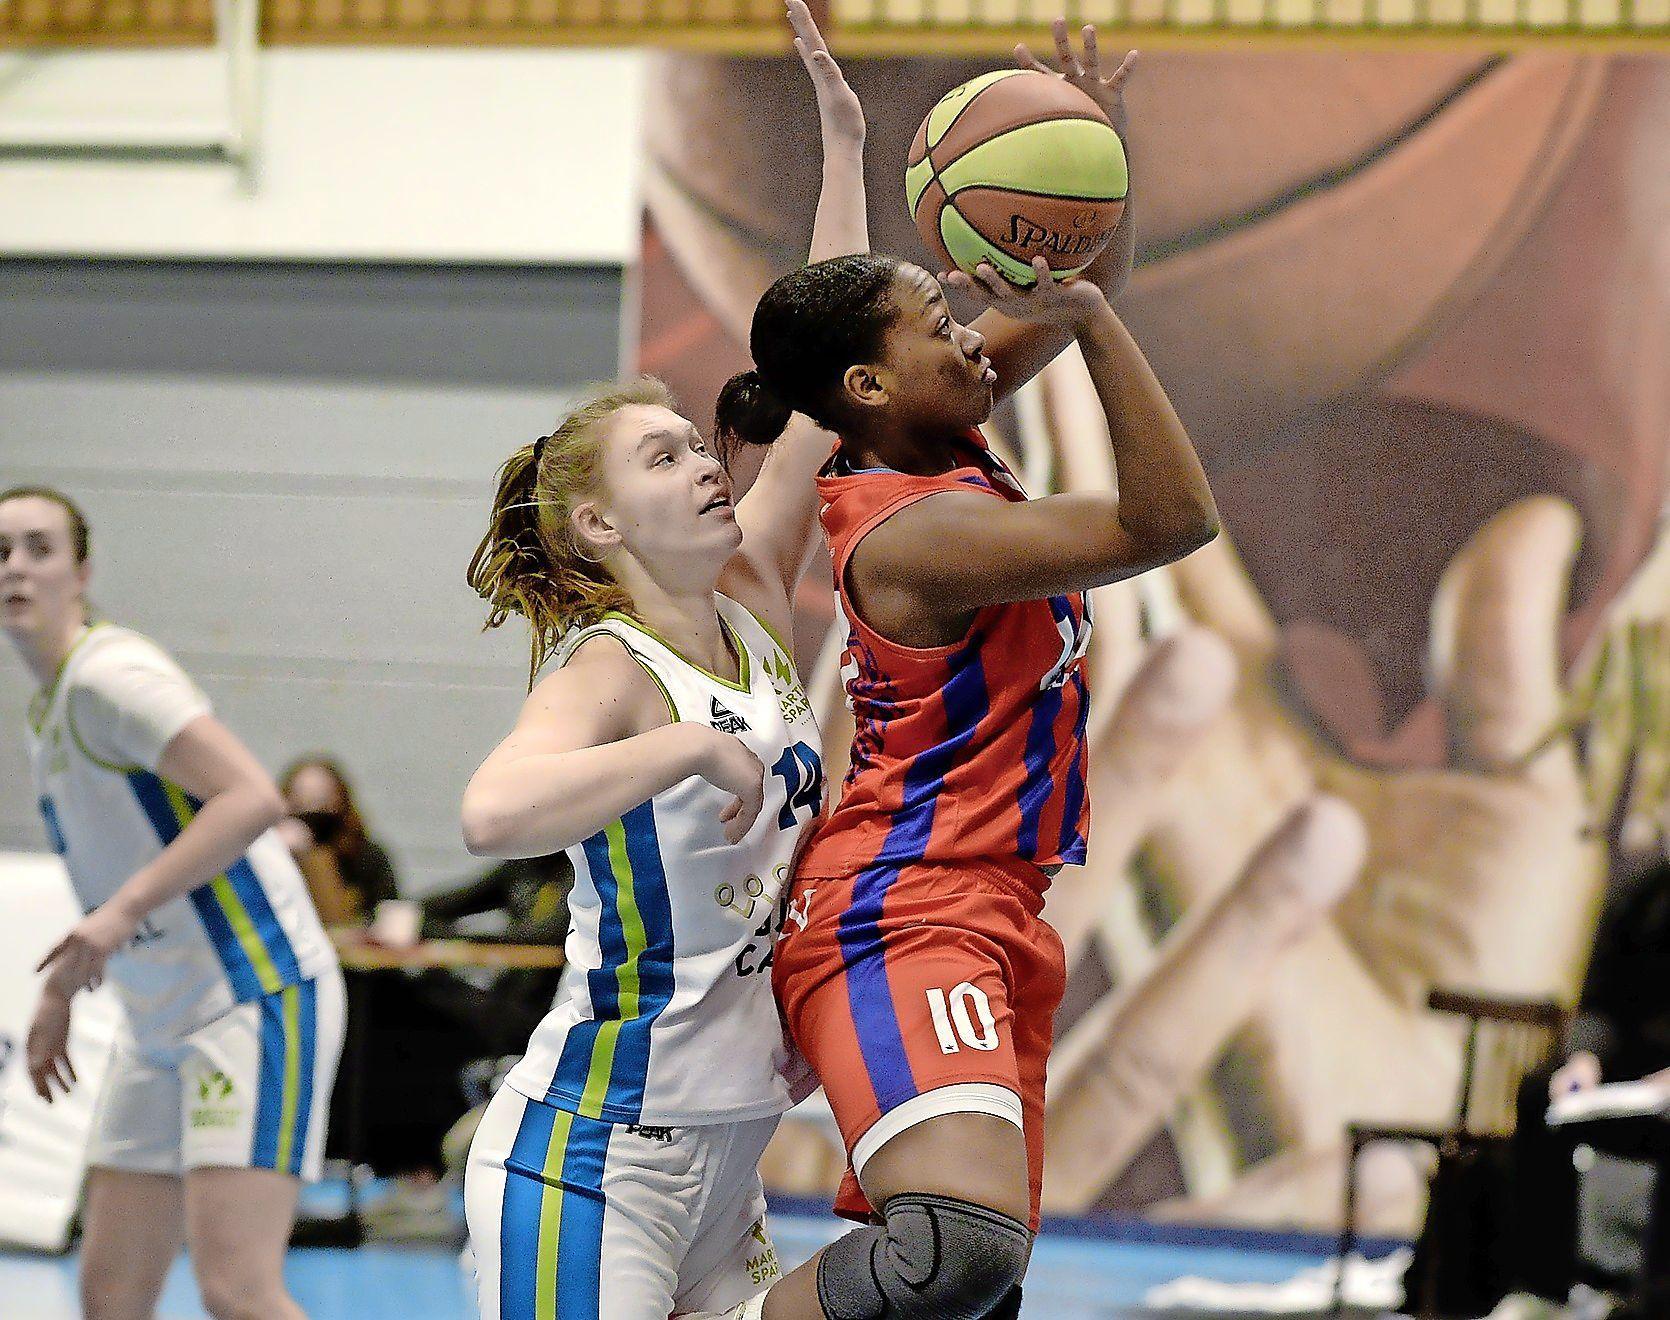 Basketbalsters Lions moeten snel wonden likken na opgelopen schade in Katwijk